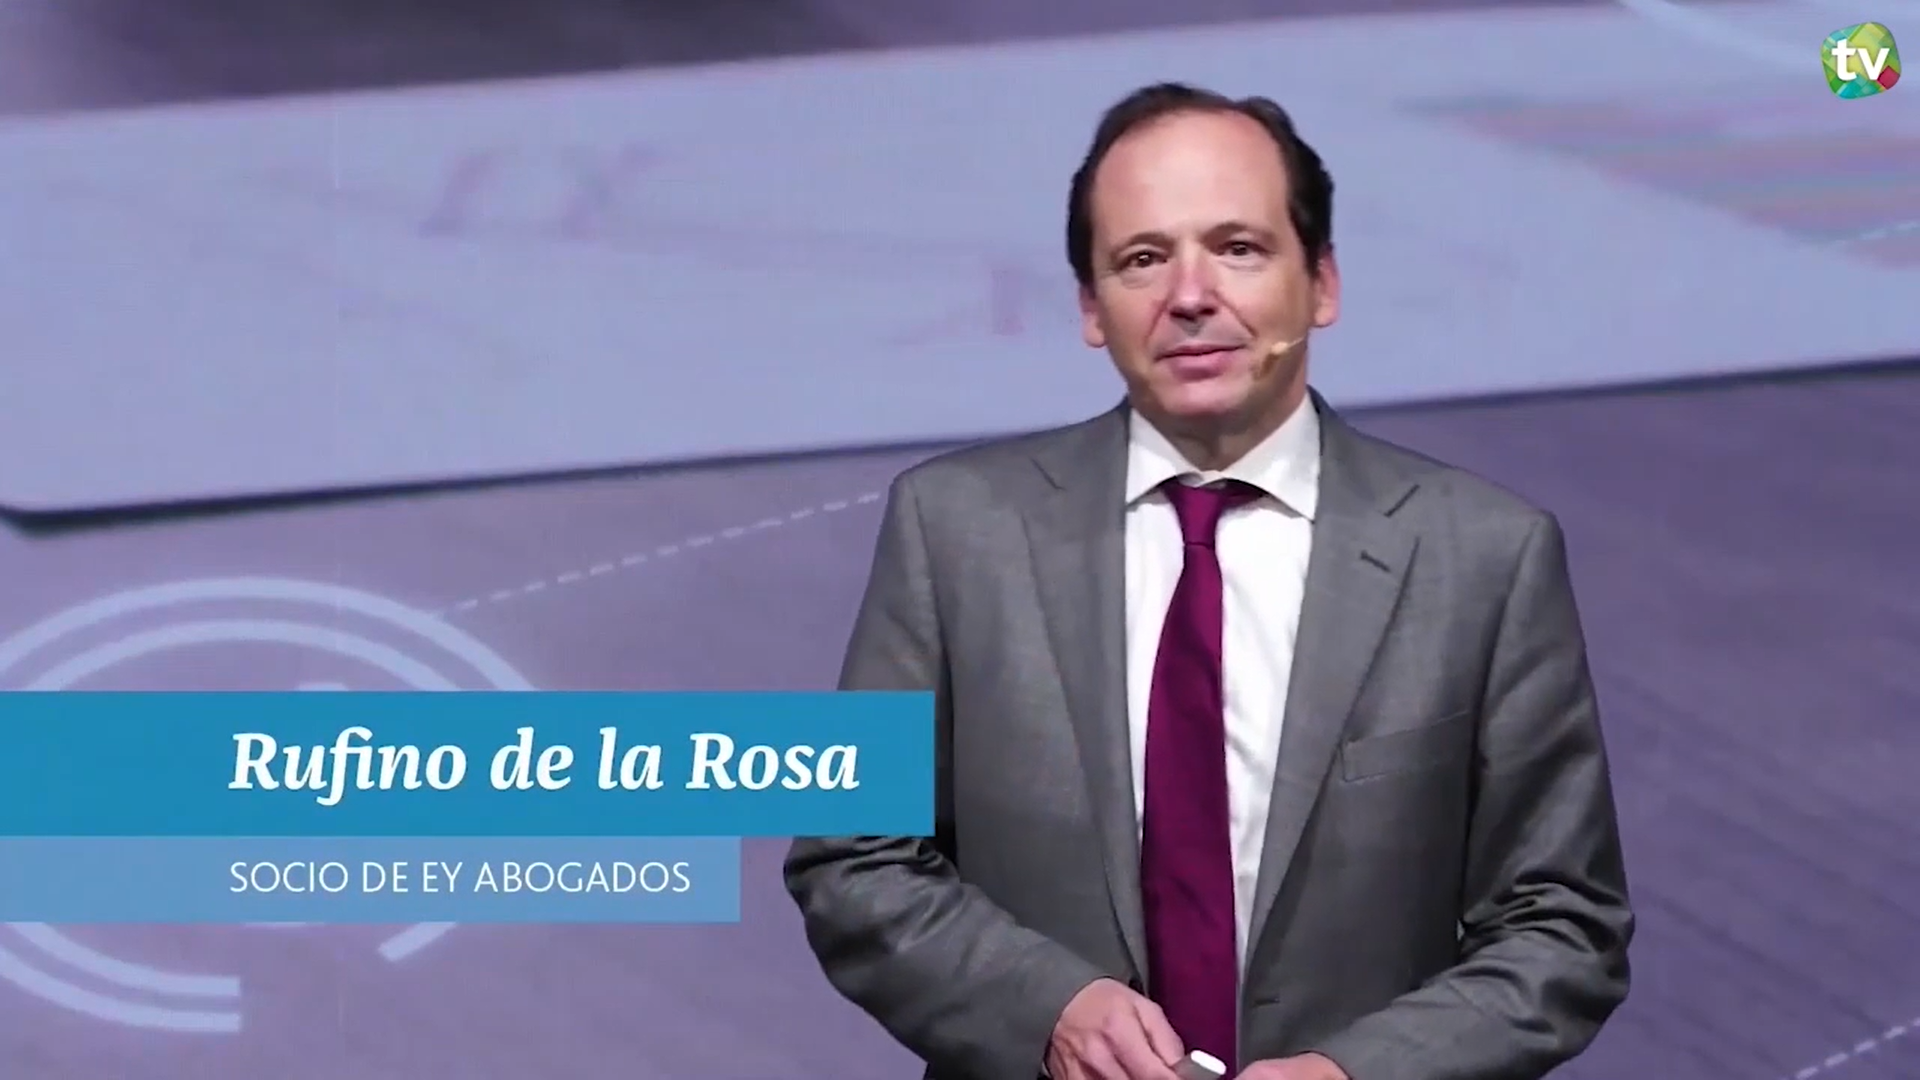 Rufino de la Rosa, Socio de EY Abogados